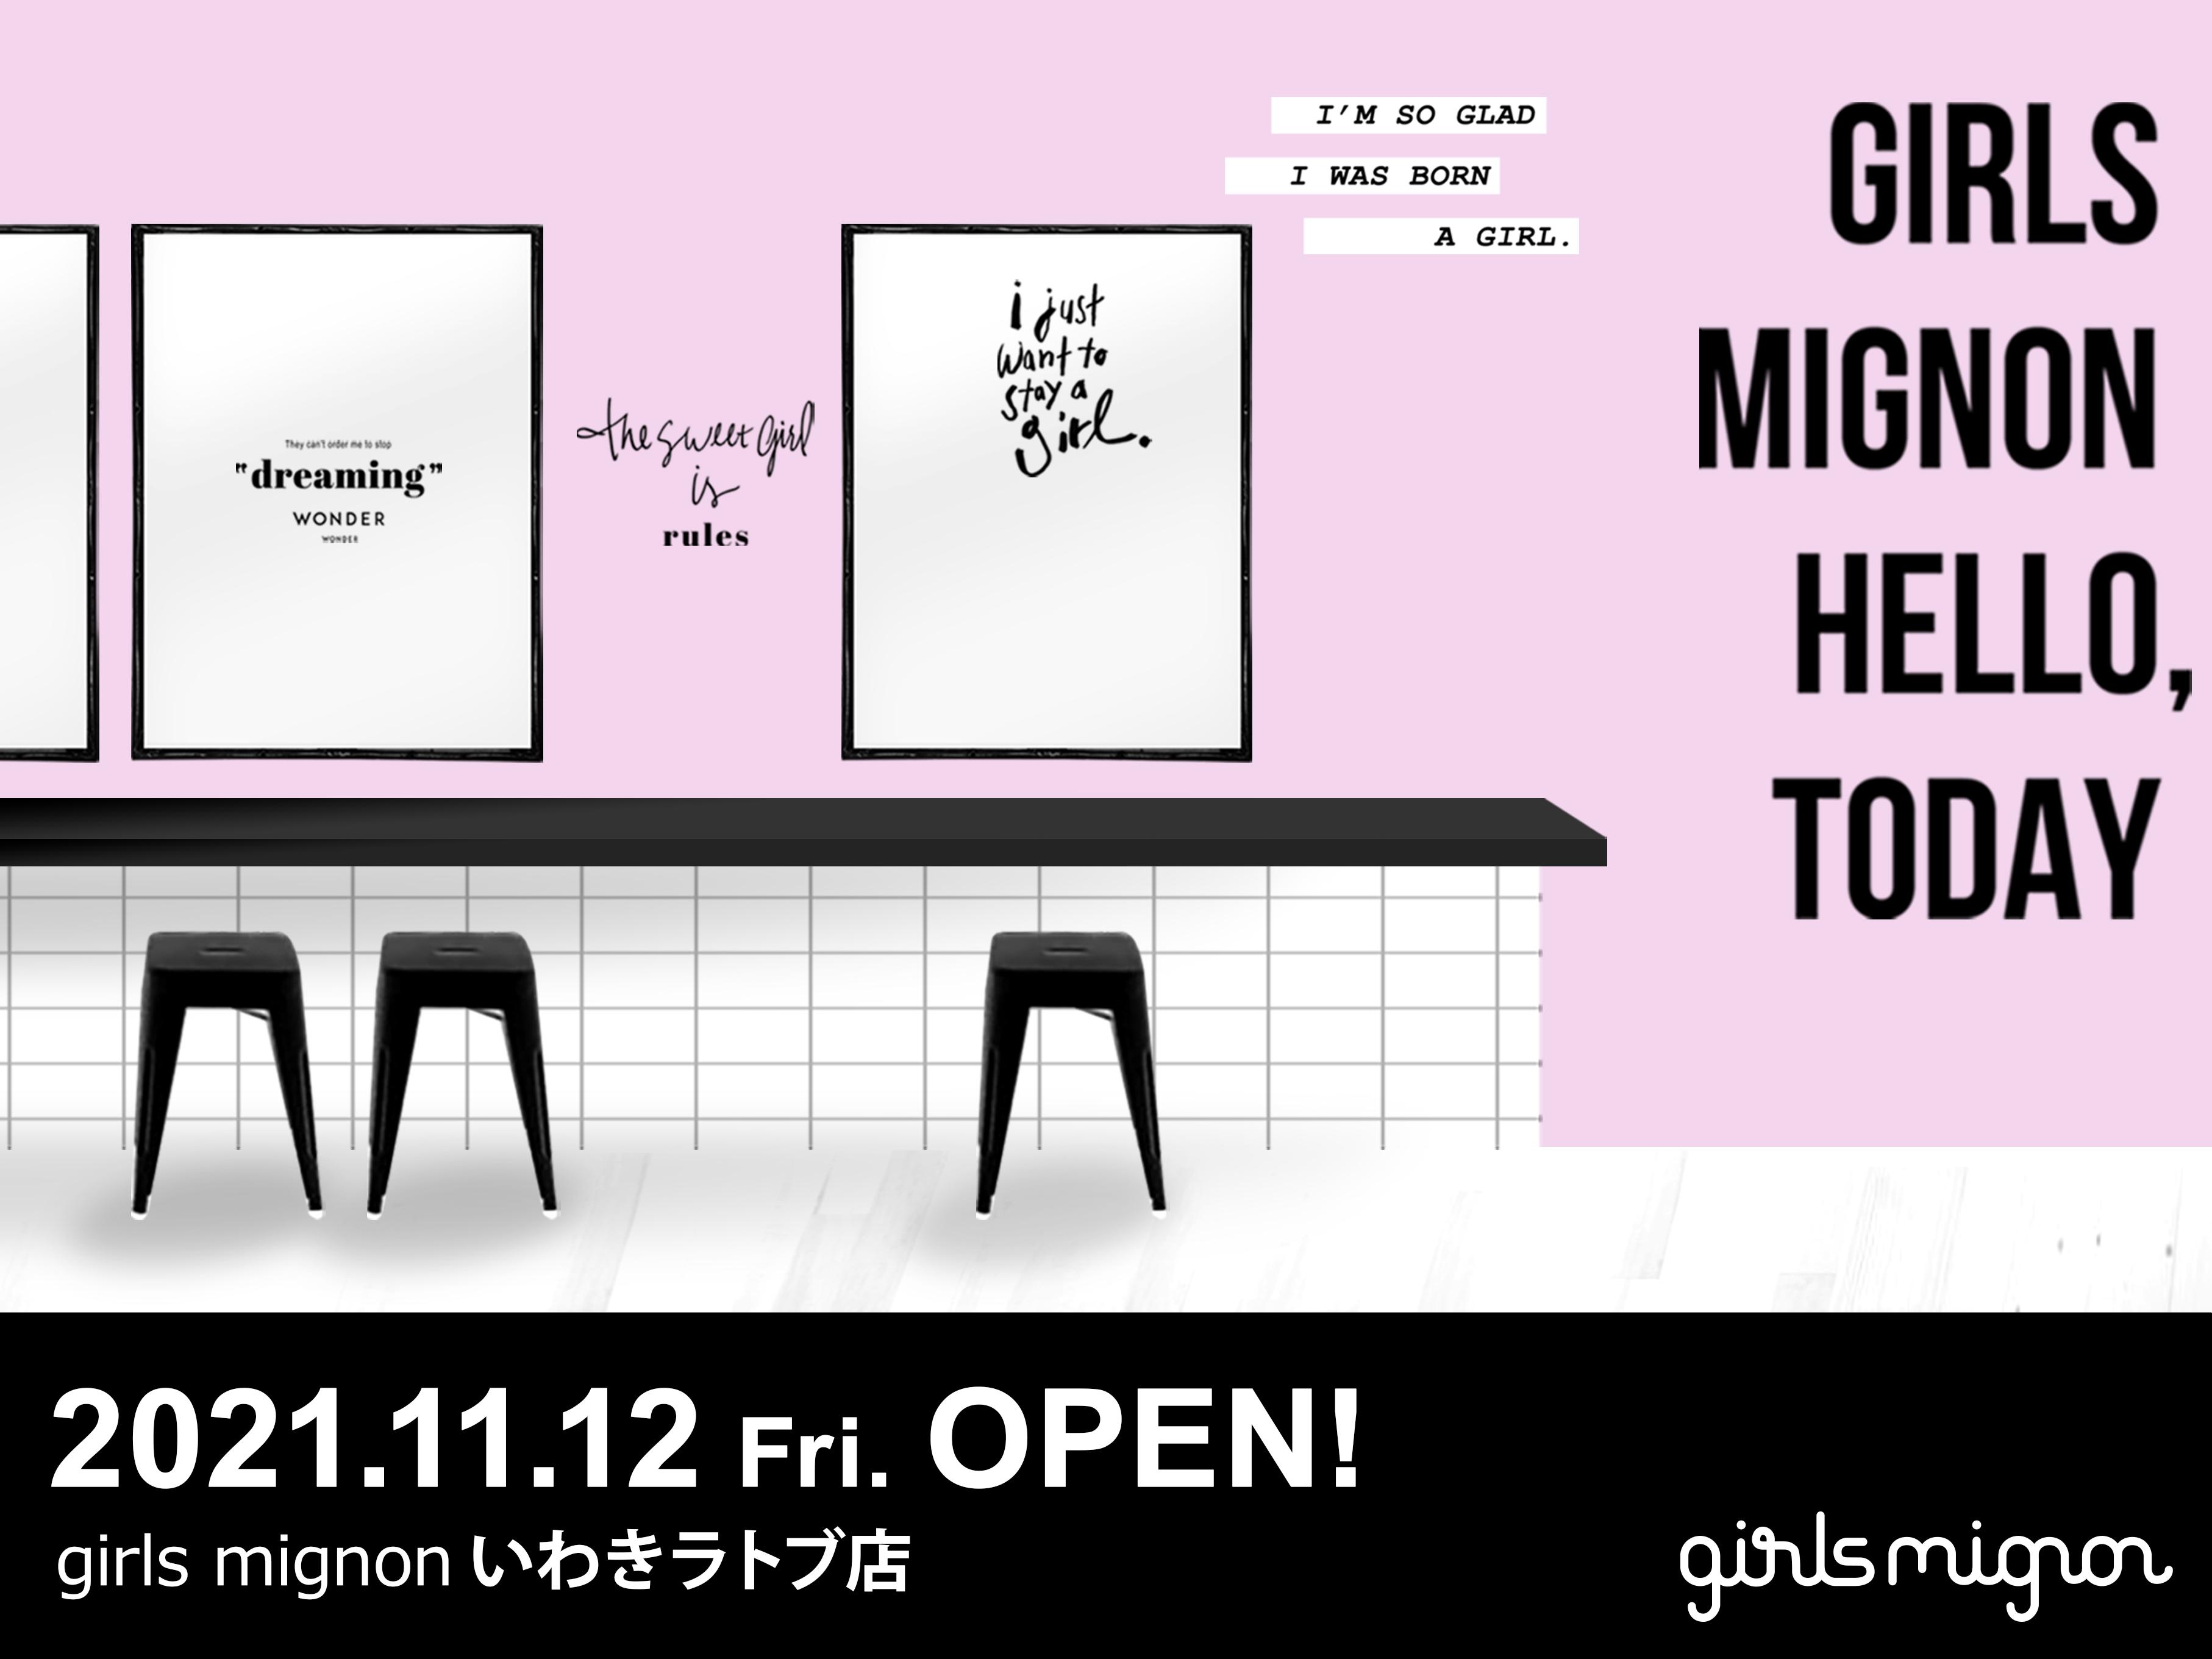 『girls mignon』いわきラトブ店、11月12日オープン